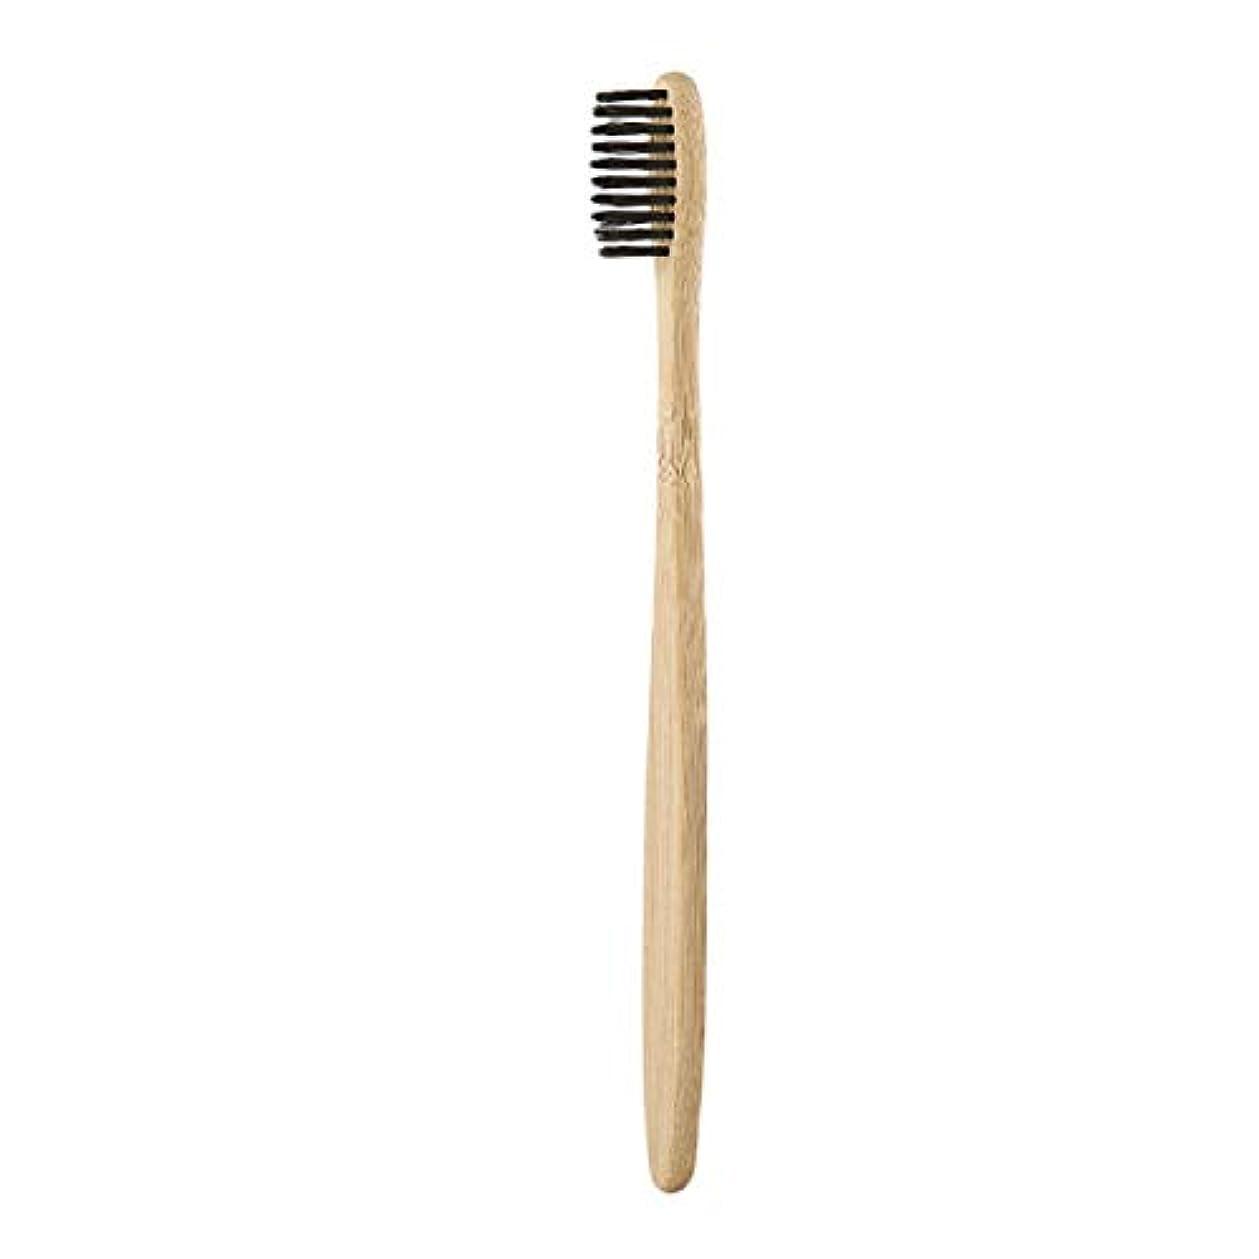 湿原圧縮する音楽手作りの快適な環境に優しい環境歯ブラシ竹ハンドル歯ブラシ木炭剛毛健康オーラルケア - ウッドカラー